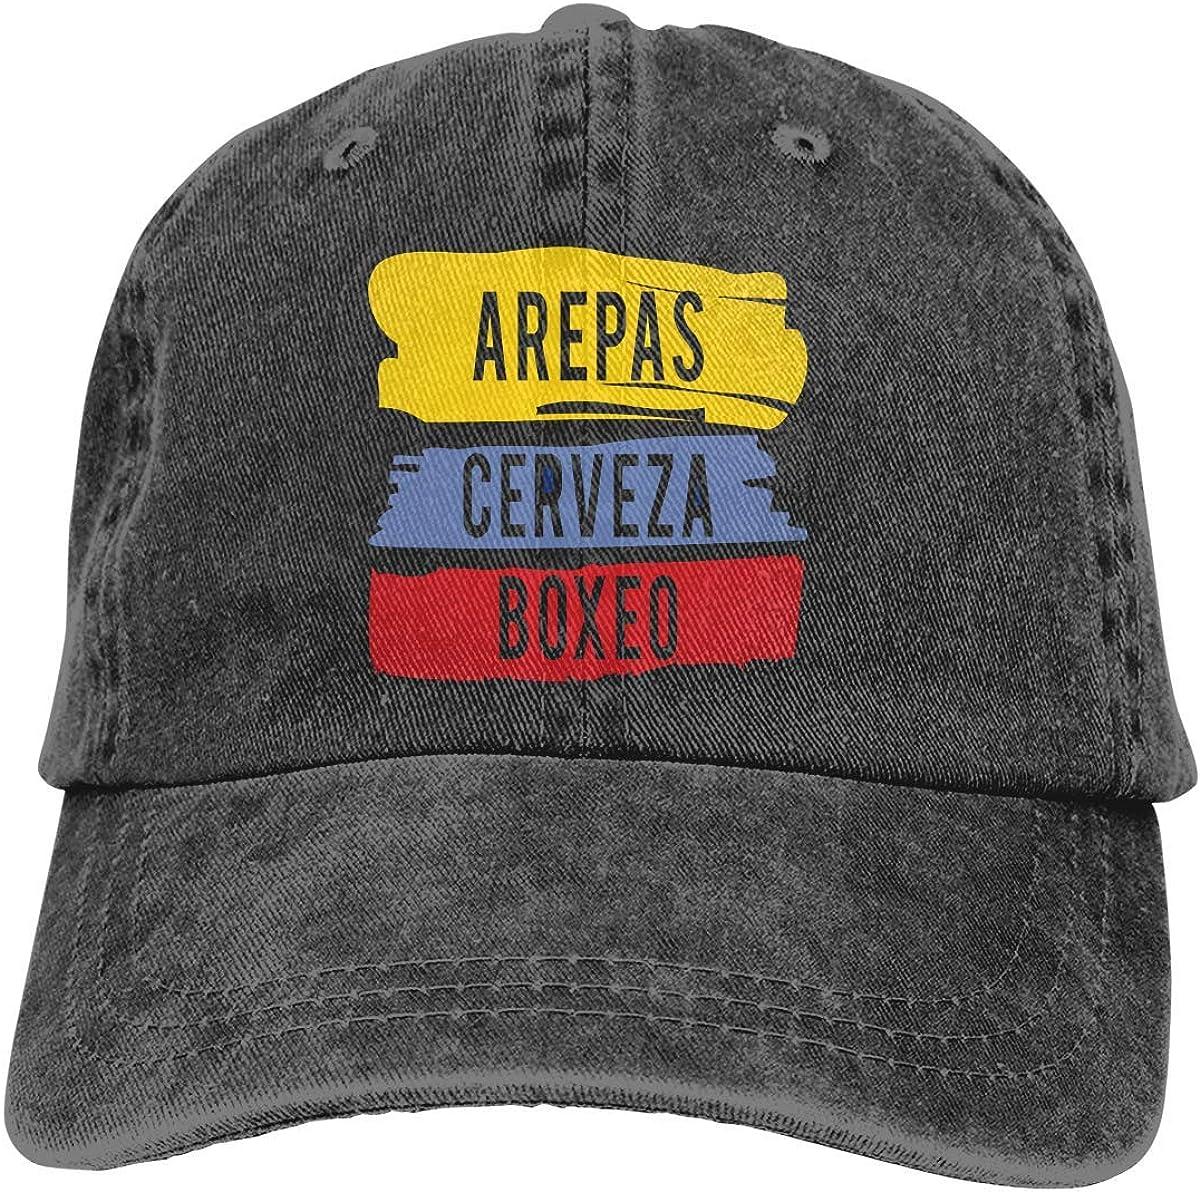 RFTGB Gorras Unisex Accesorios Sombreros Gorras de béisbol Sombreros de Vaquero Arepas Cerveza Boxeo Denim Baseball Cap, Unisex Vintage Dad Hat, Golf Hats, Adjustable Plain Cap